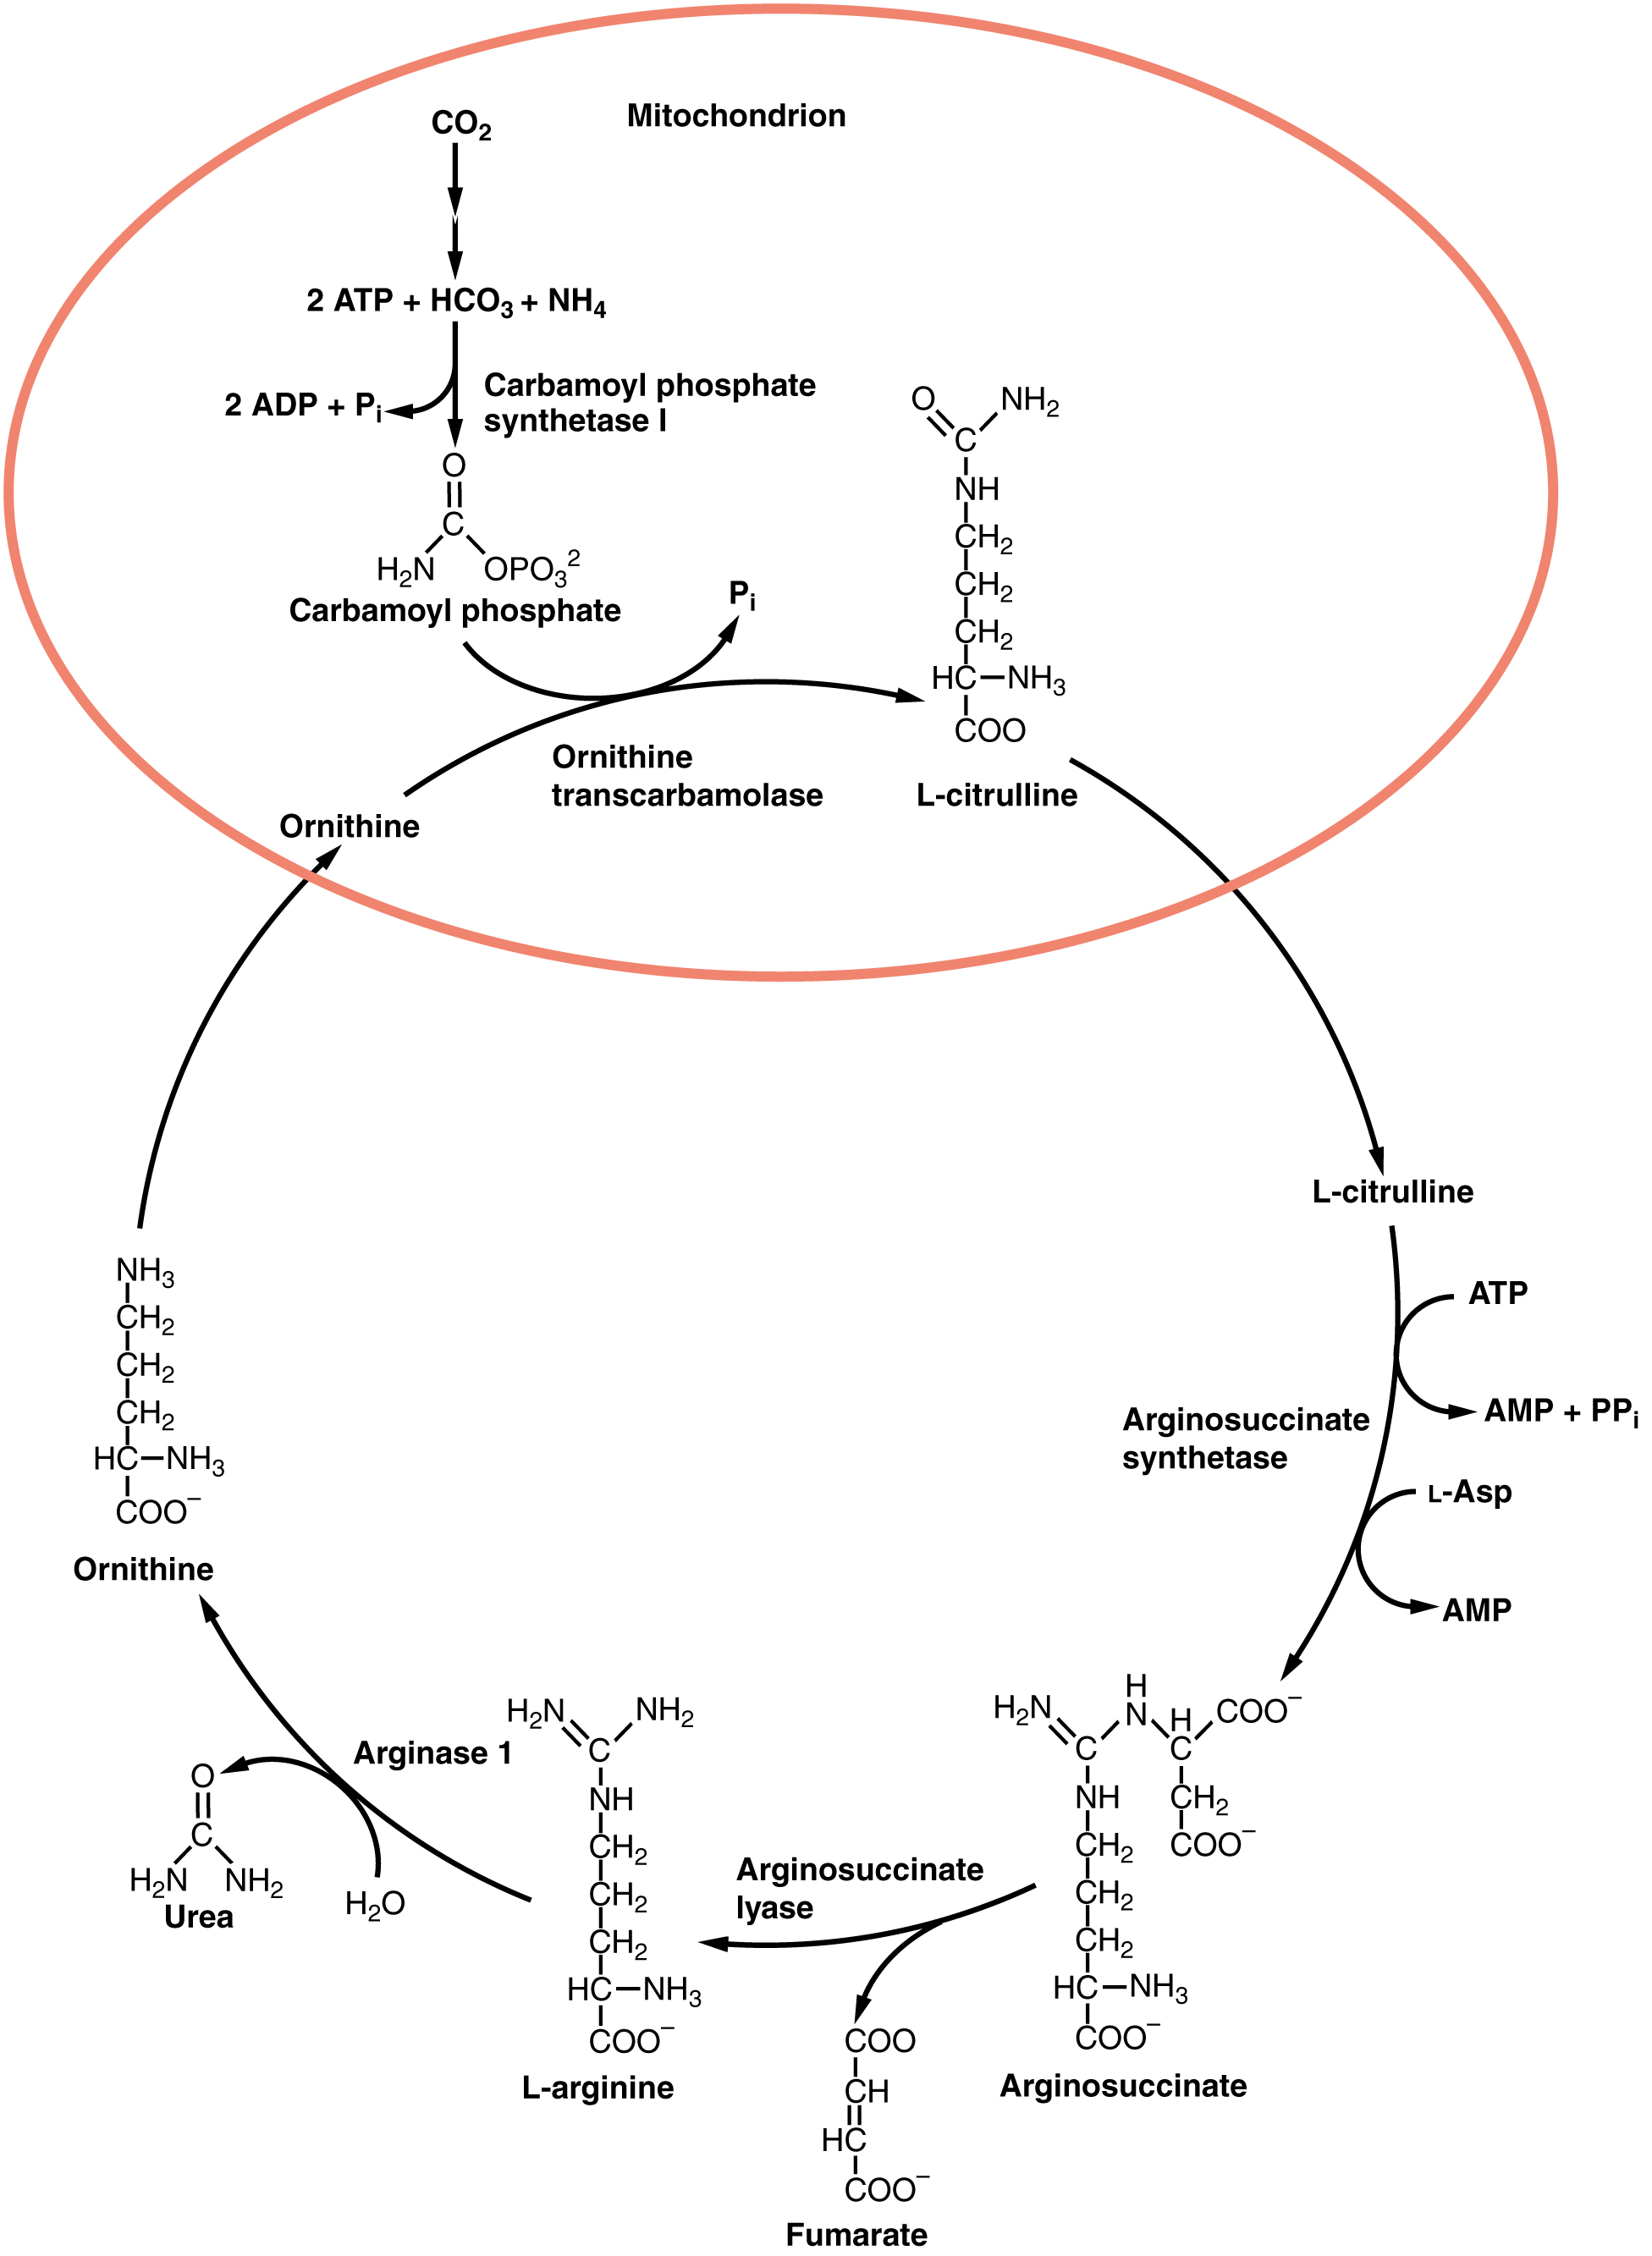 Der Harnstoffzyklus Ein Biochemischer Kreislauf